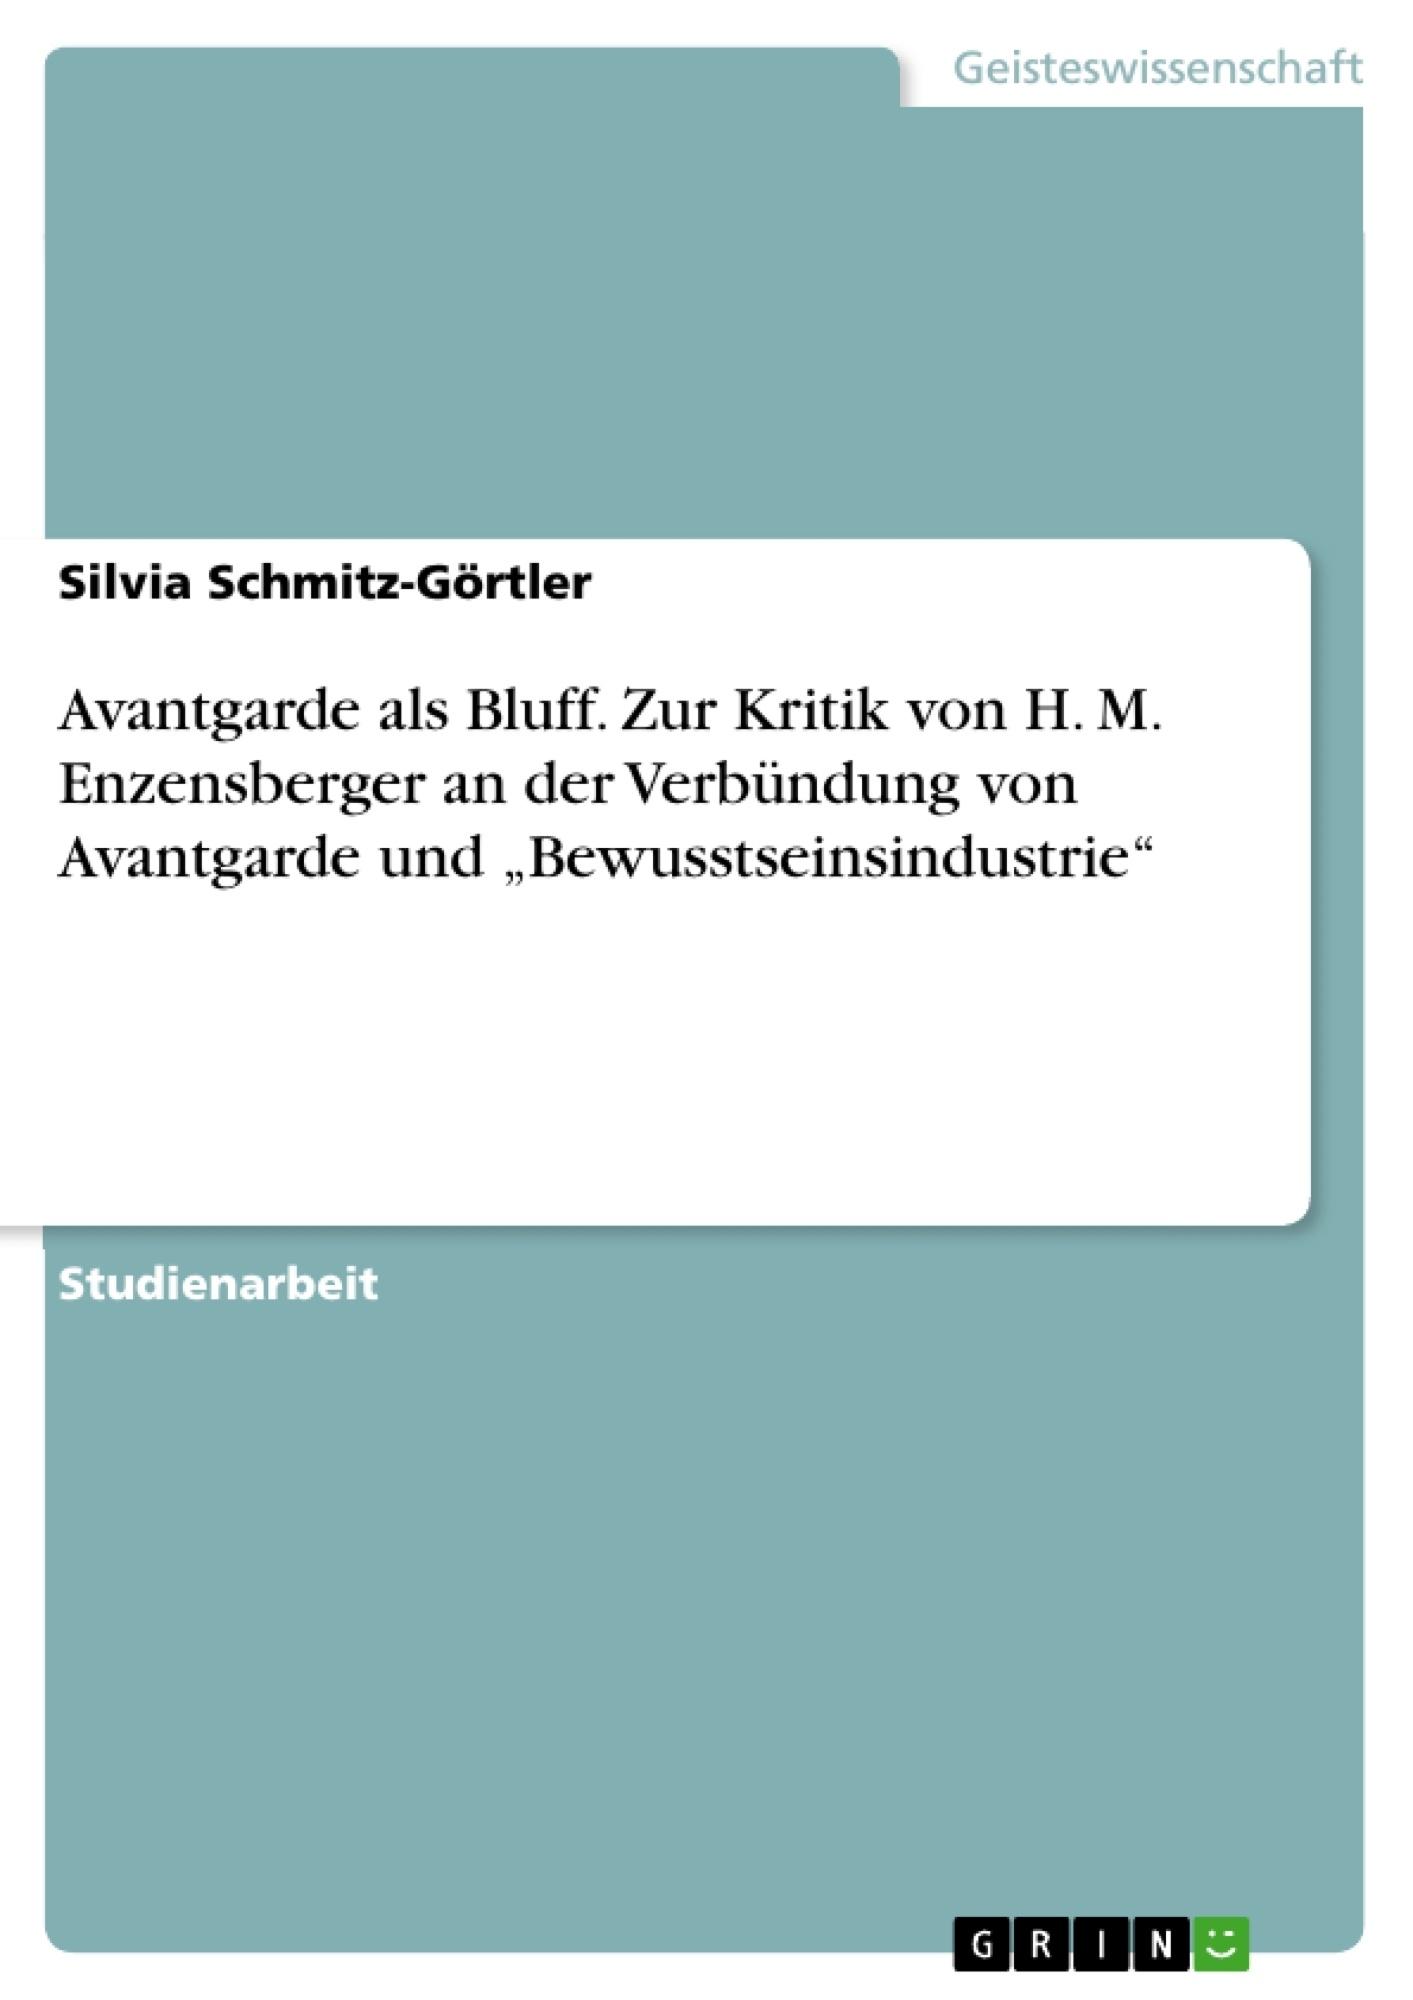 """Titel: Avantgarde als Bluff. Zur Kritik von H. M. Enzensberger an der Verbündung von Avantgarde und """"Bewusstseinsindustrie"""""""